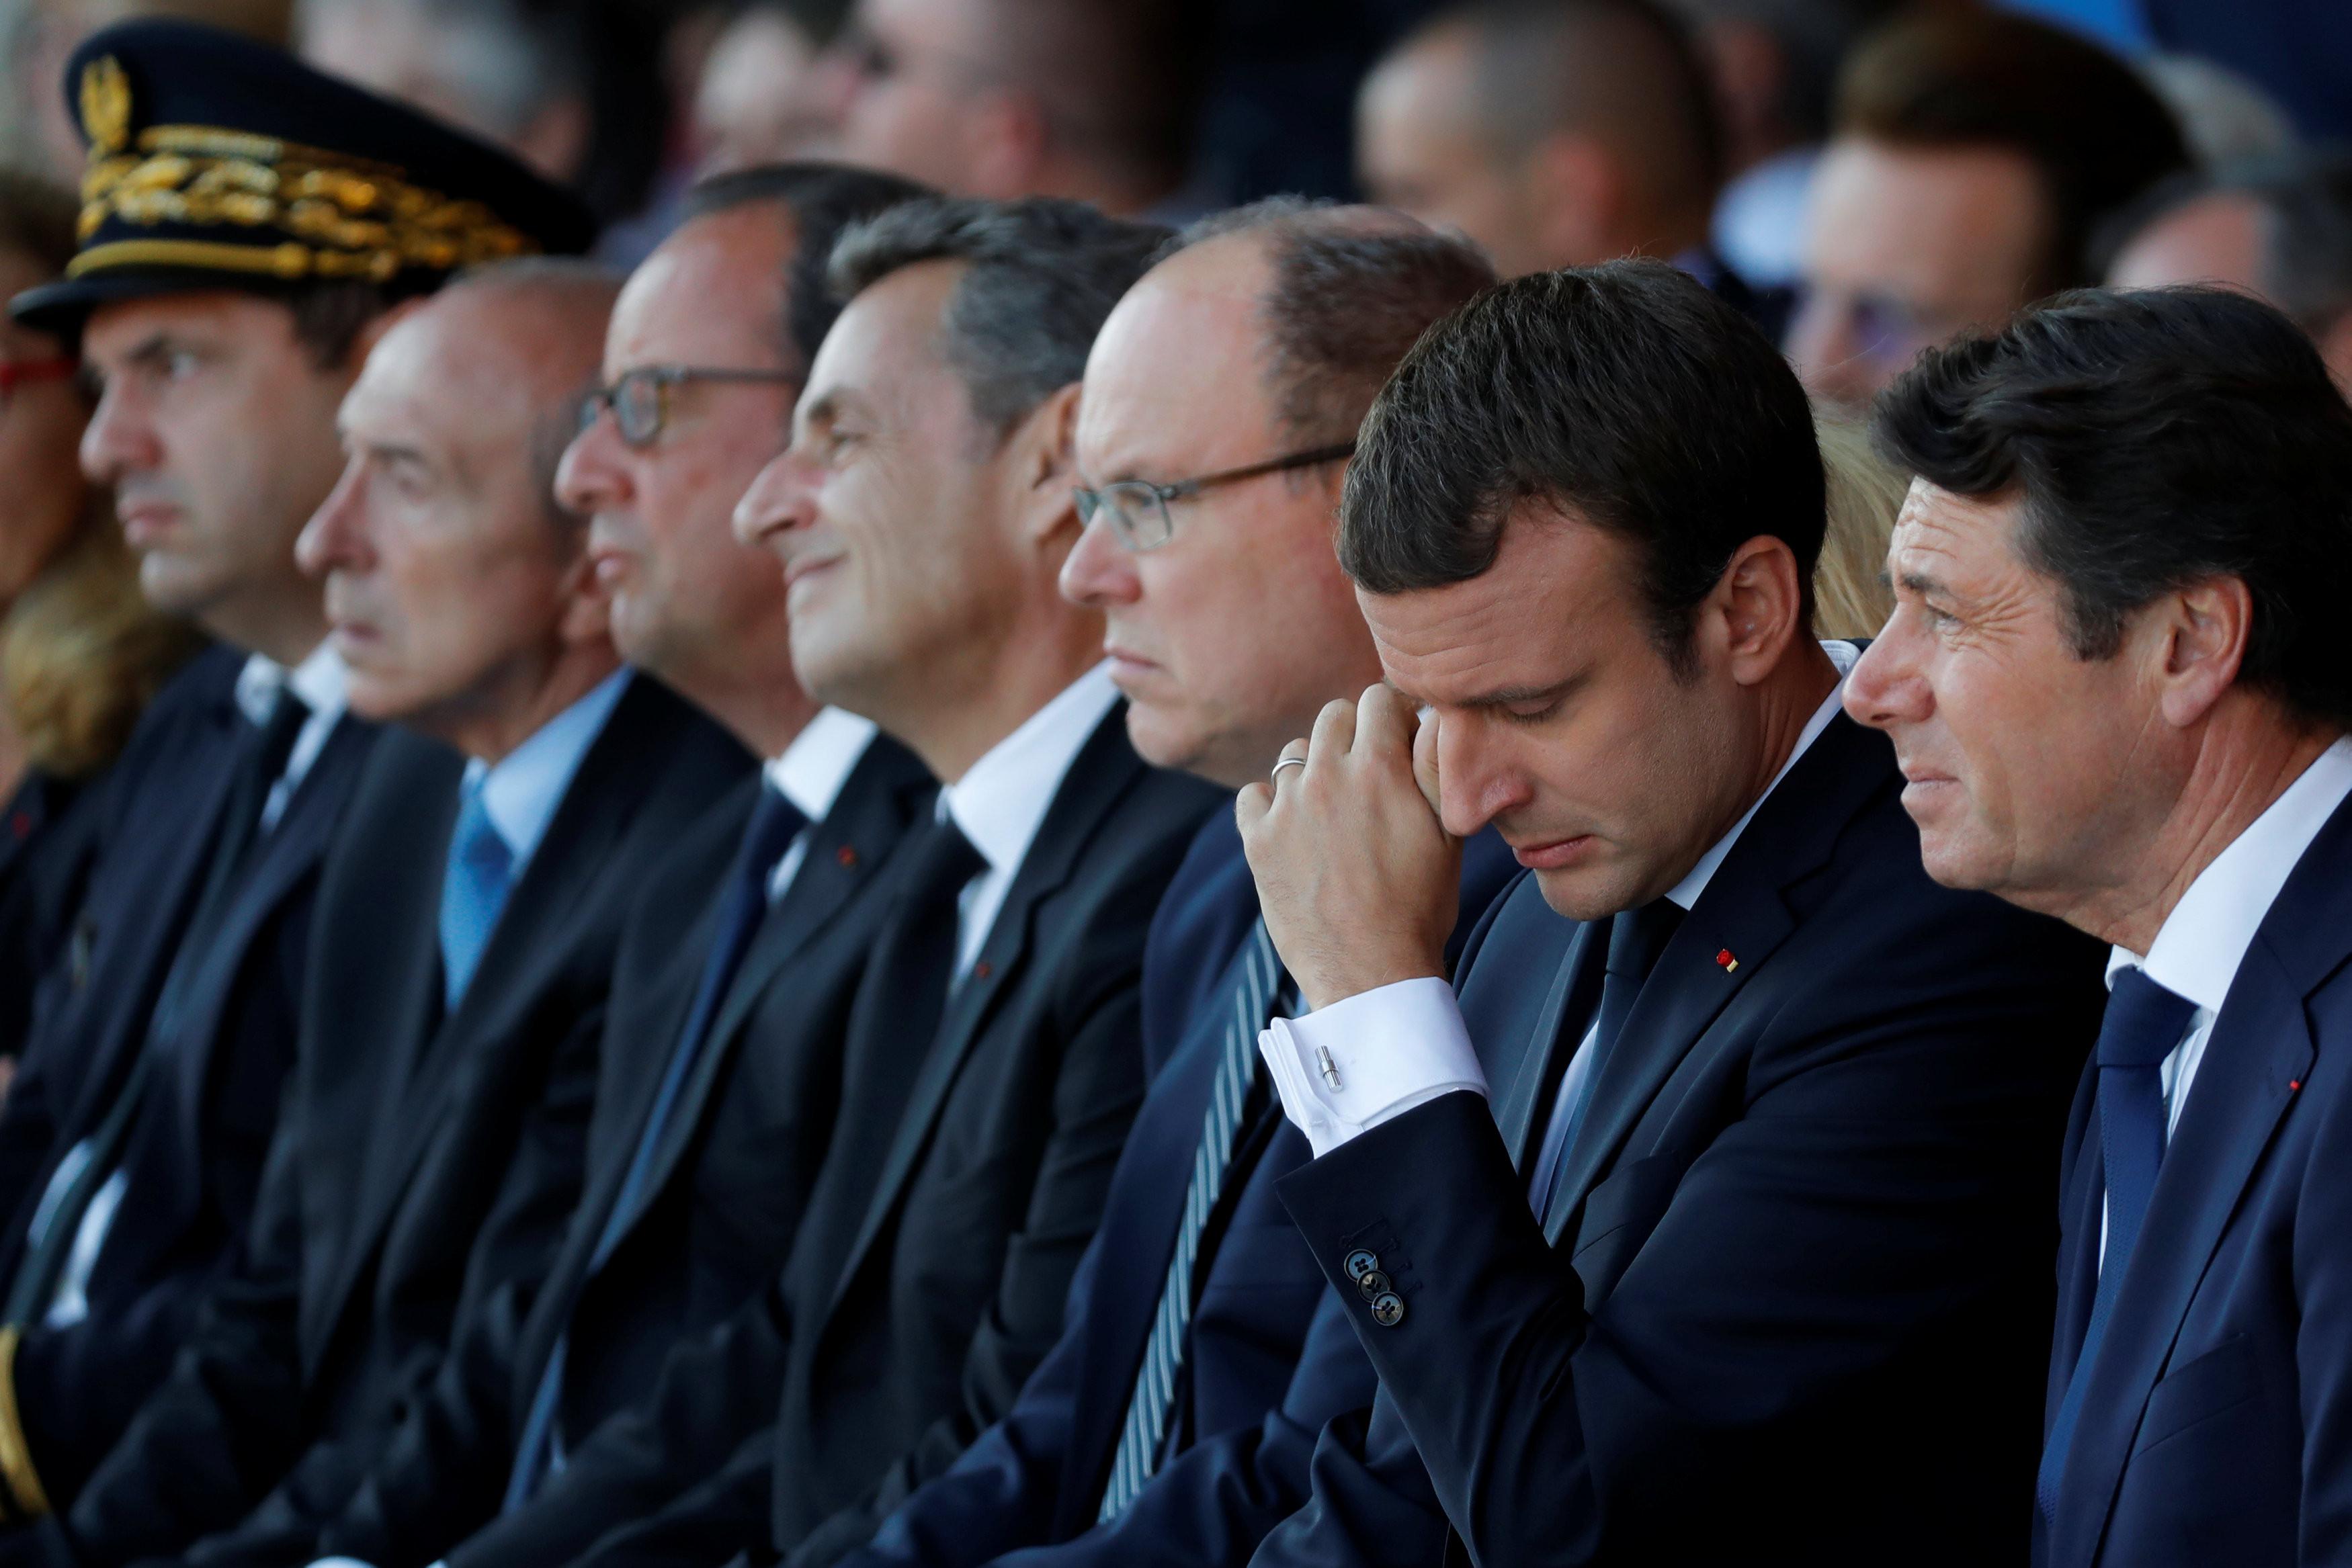 <p><span>Эммануэль Макрон почтил память жертв теракта, произошедшего год назад в Ницце. Фото: &copy;REUTERS/Eric Gaillard</span></p>